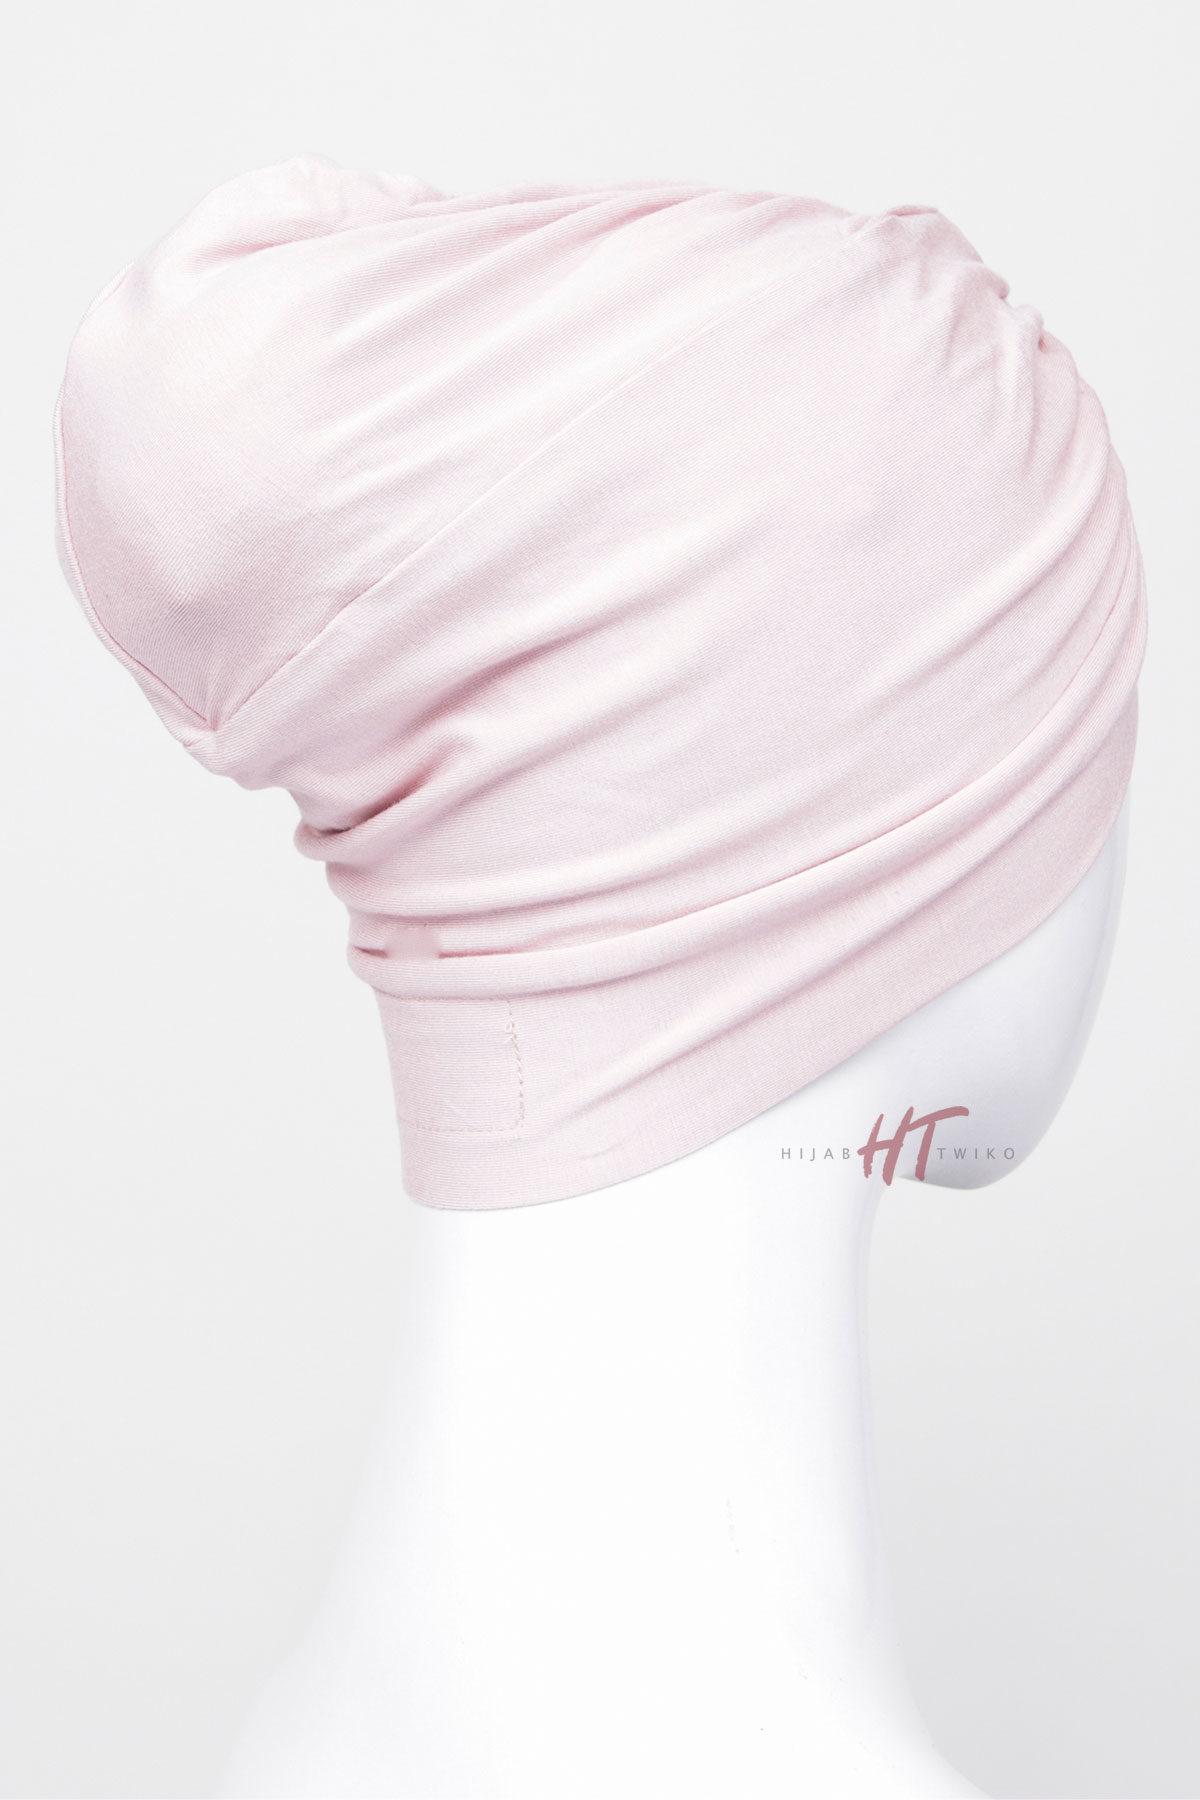 Turban-Pink-Rose-3